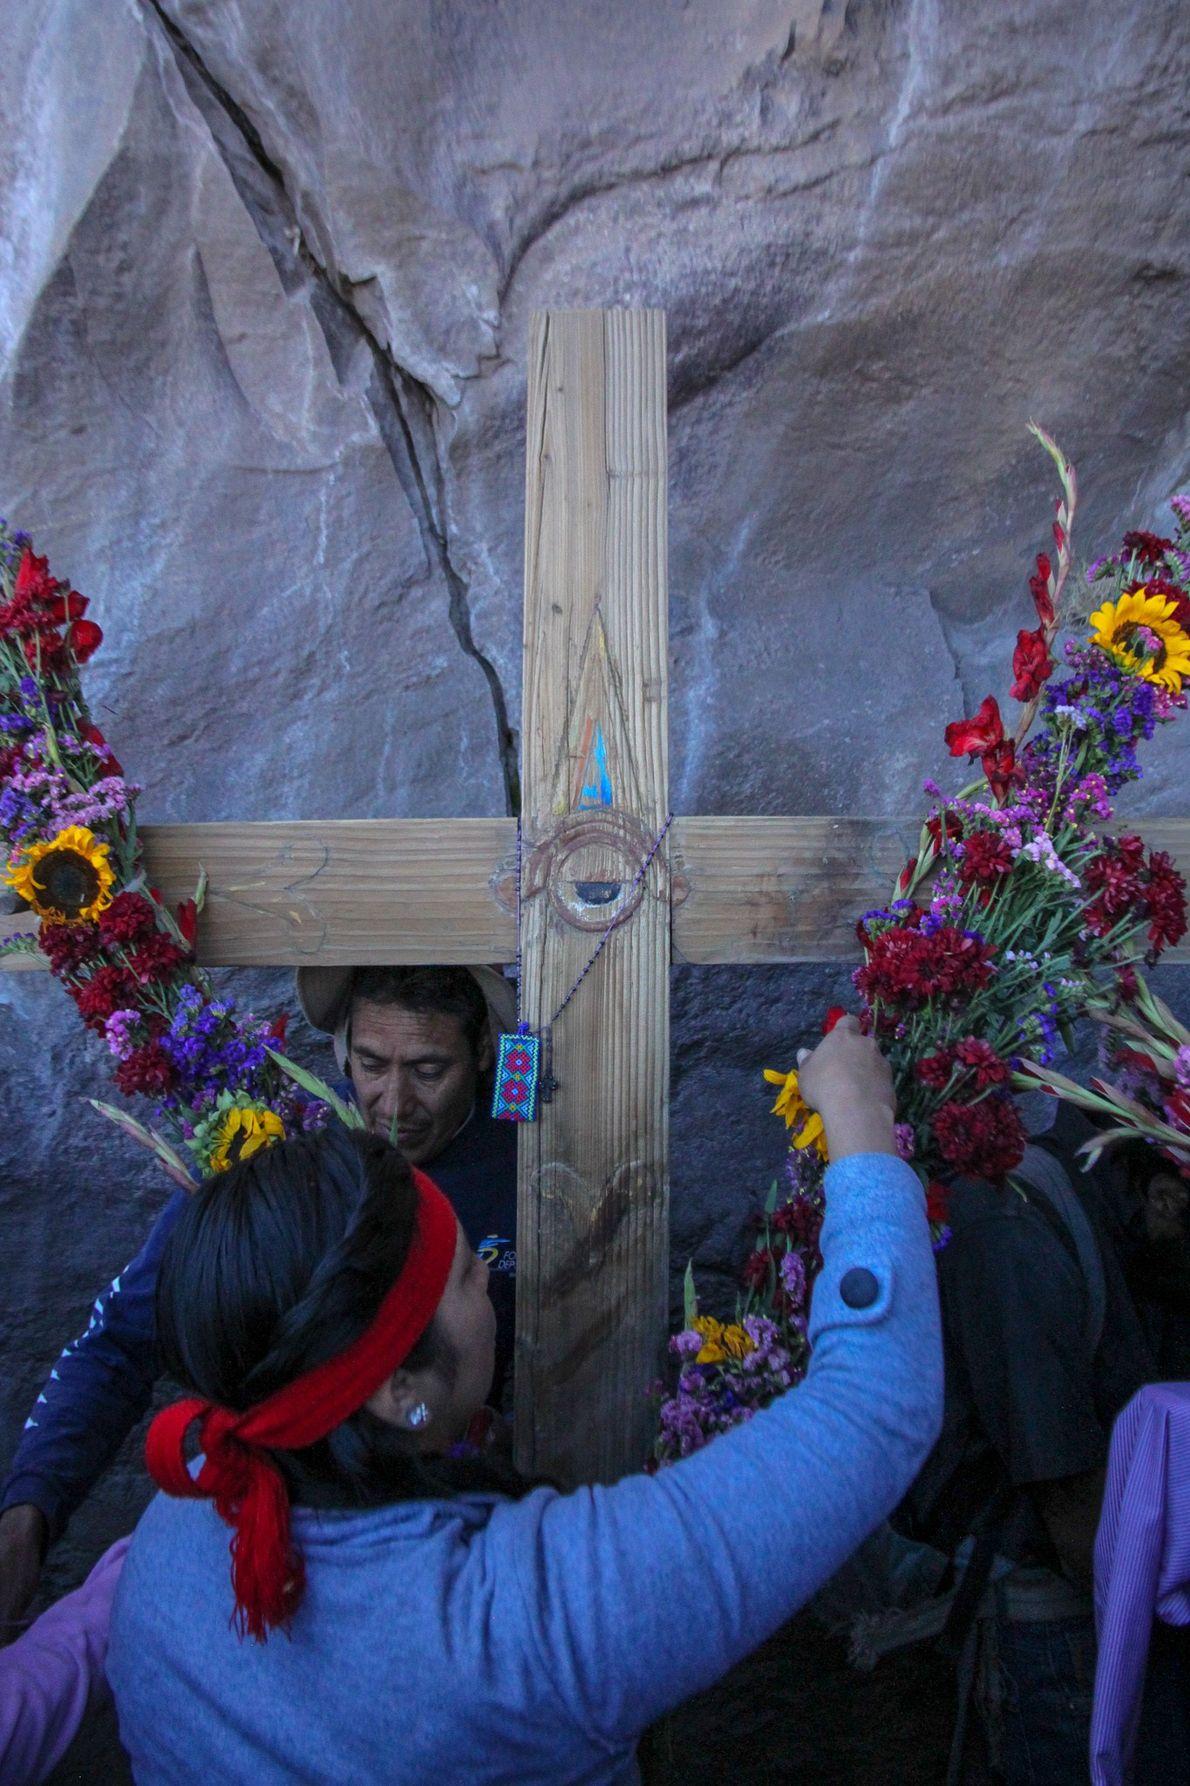 Les préparatifs se terminent, la cérémonie est proche. Ici une fidèle habille une croix de fleurs ...